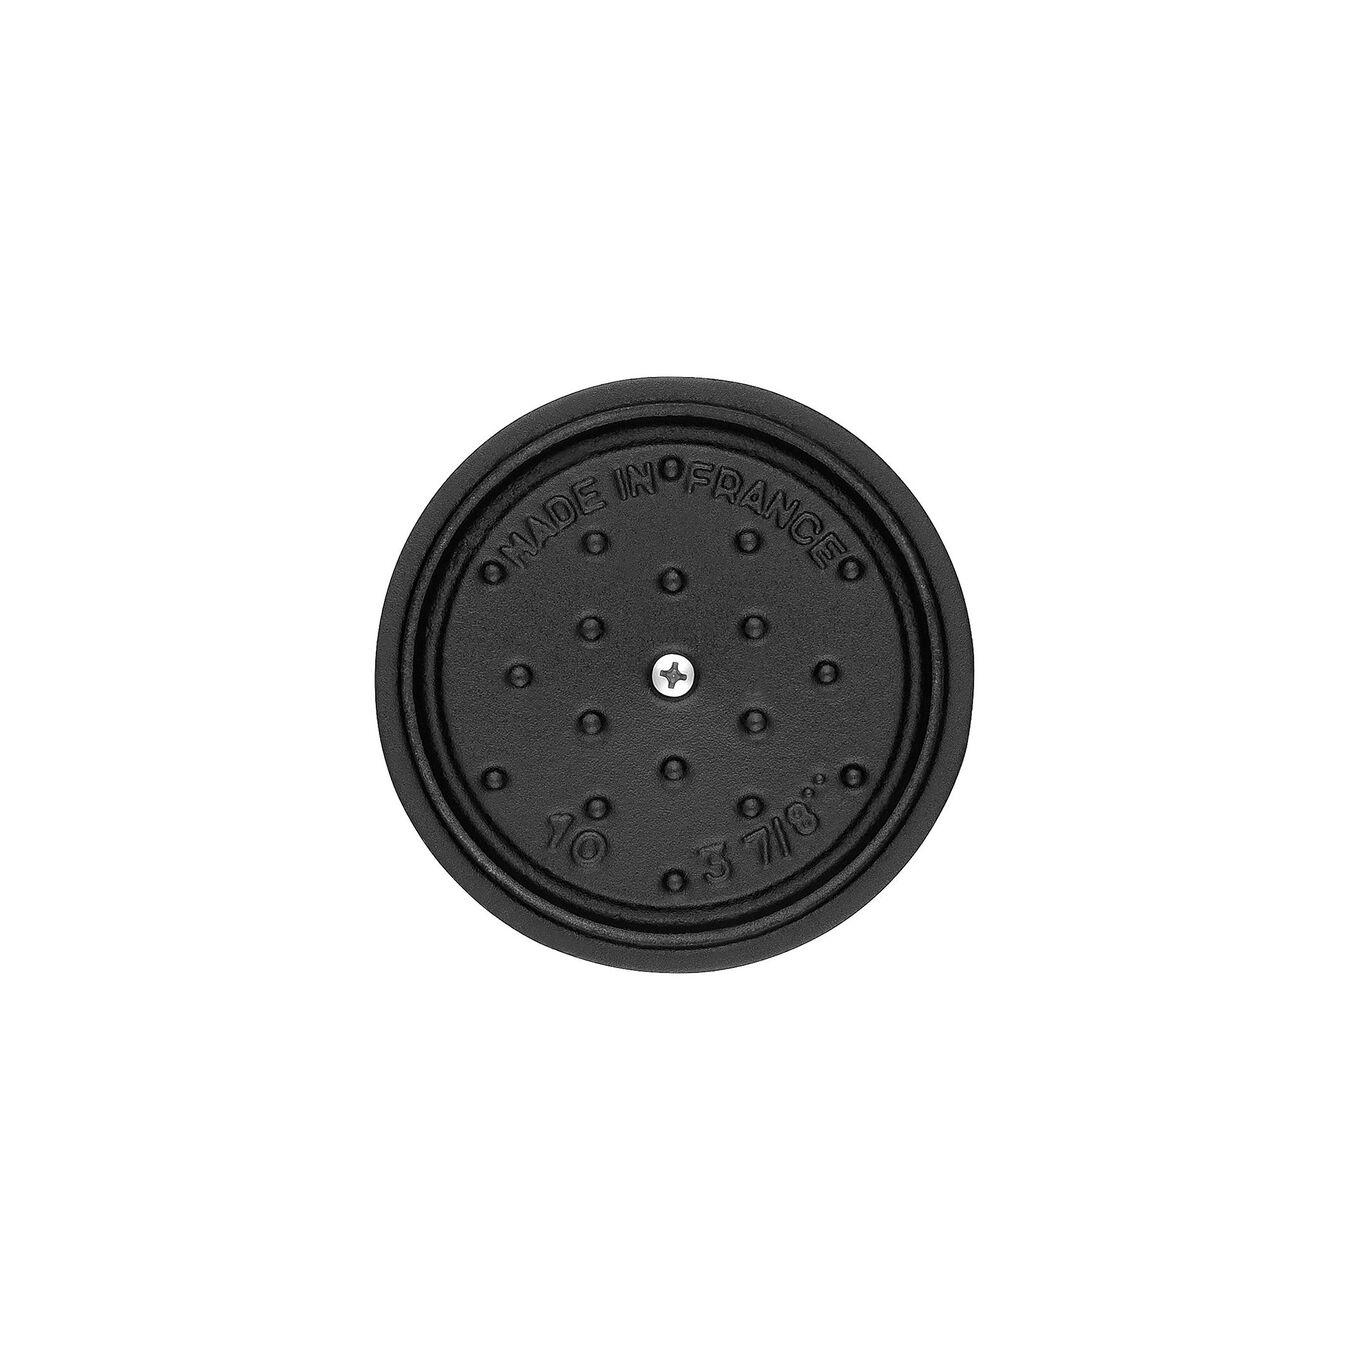 Mini Cocotte 10 cm, rund, Schwarz, Gusseisen,,large 2